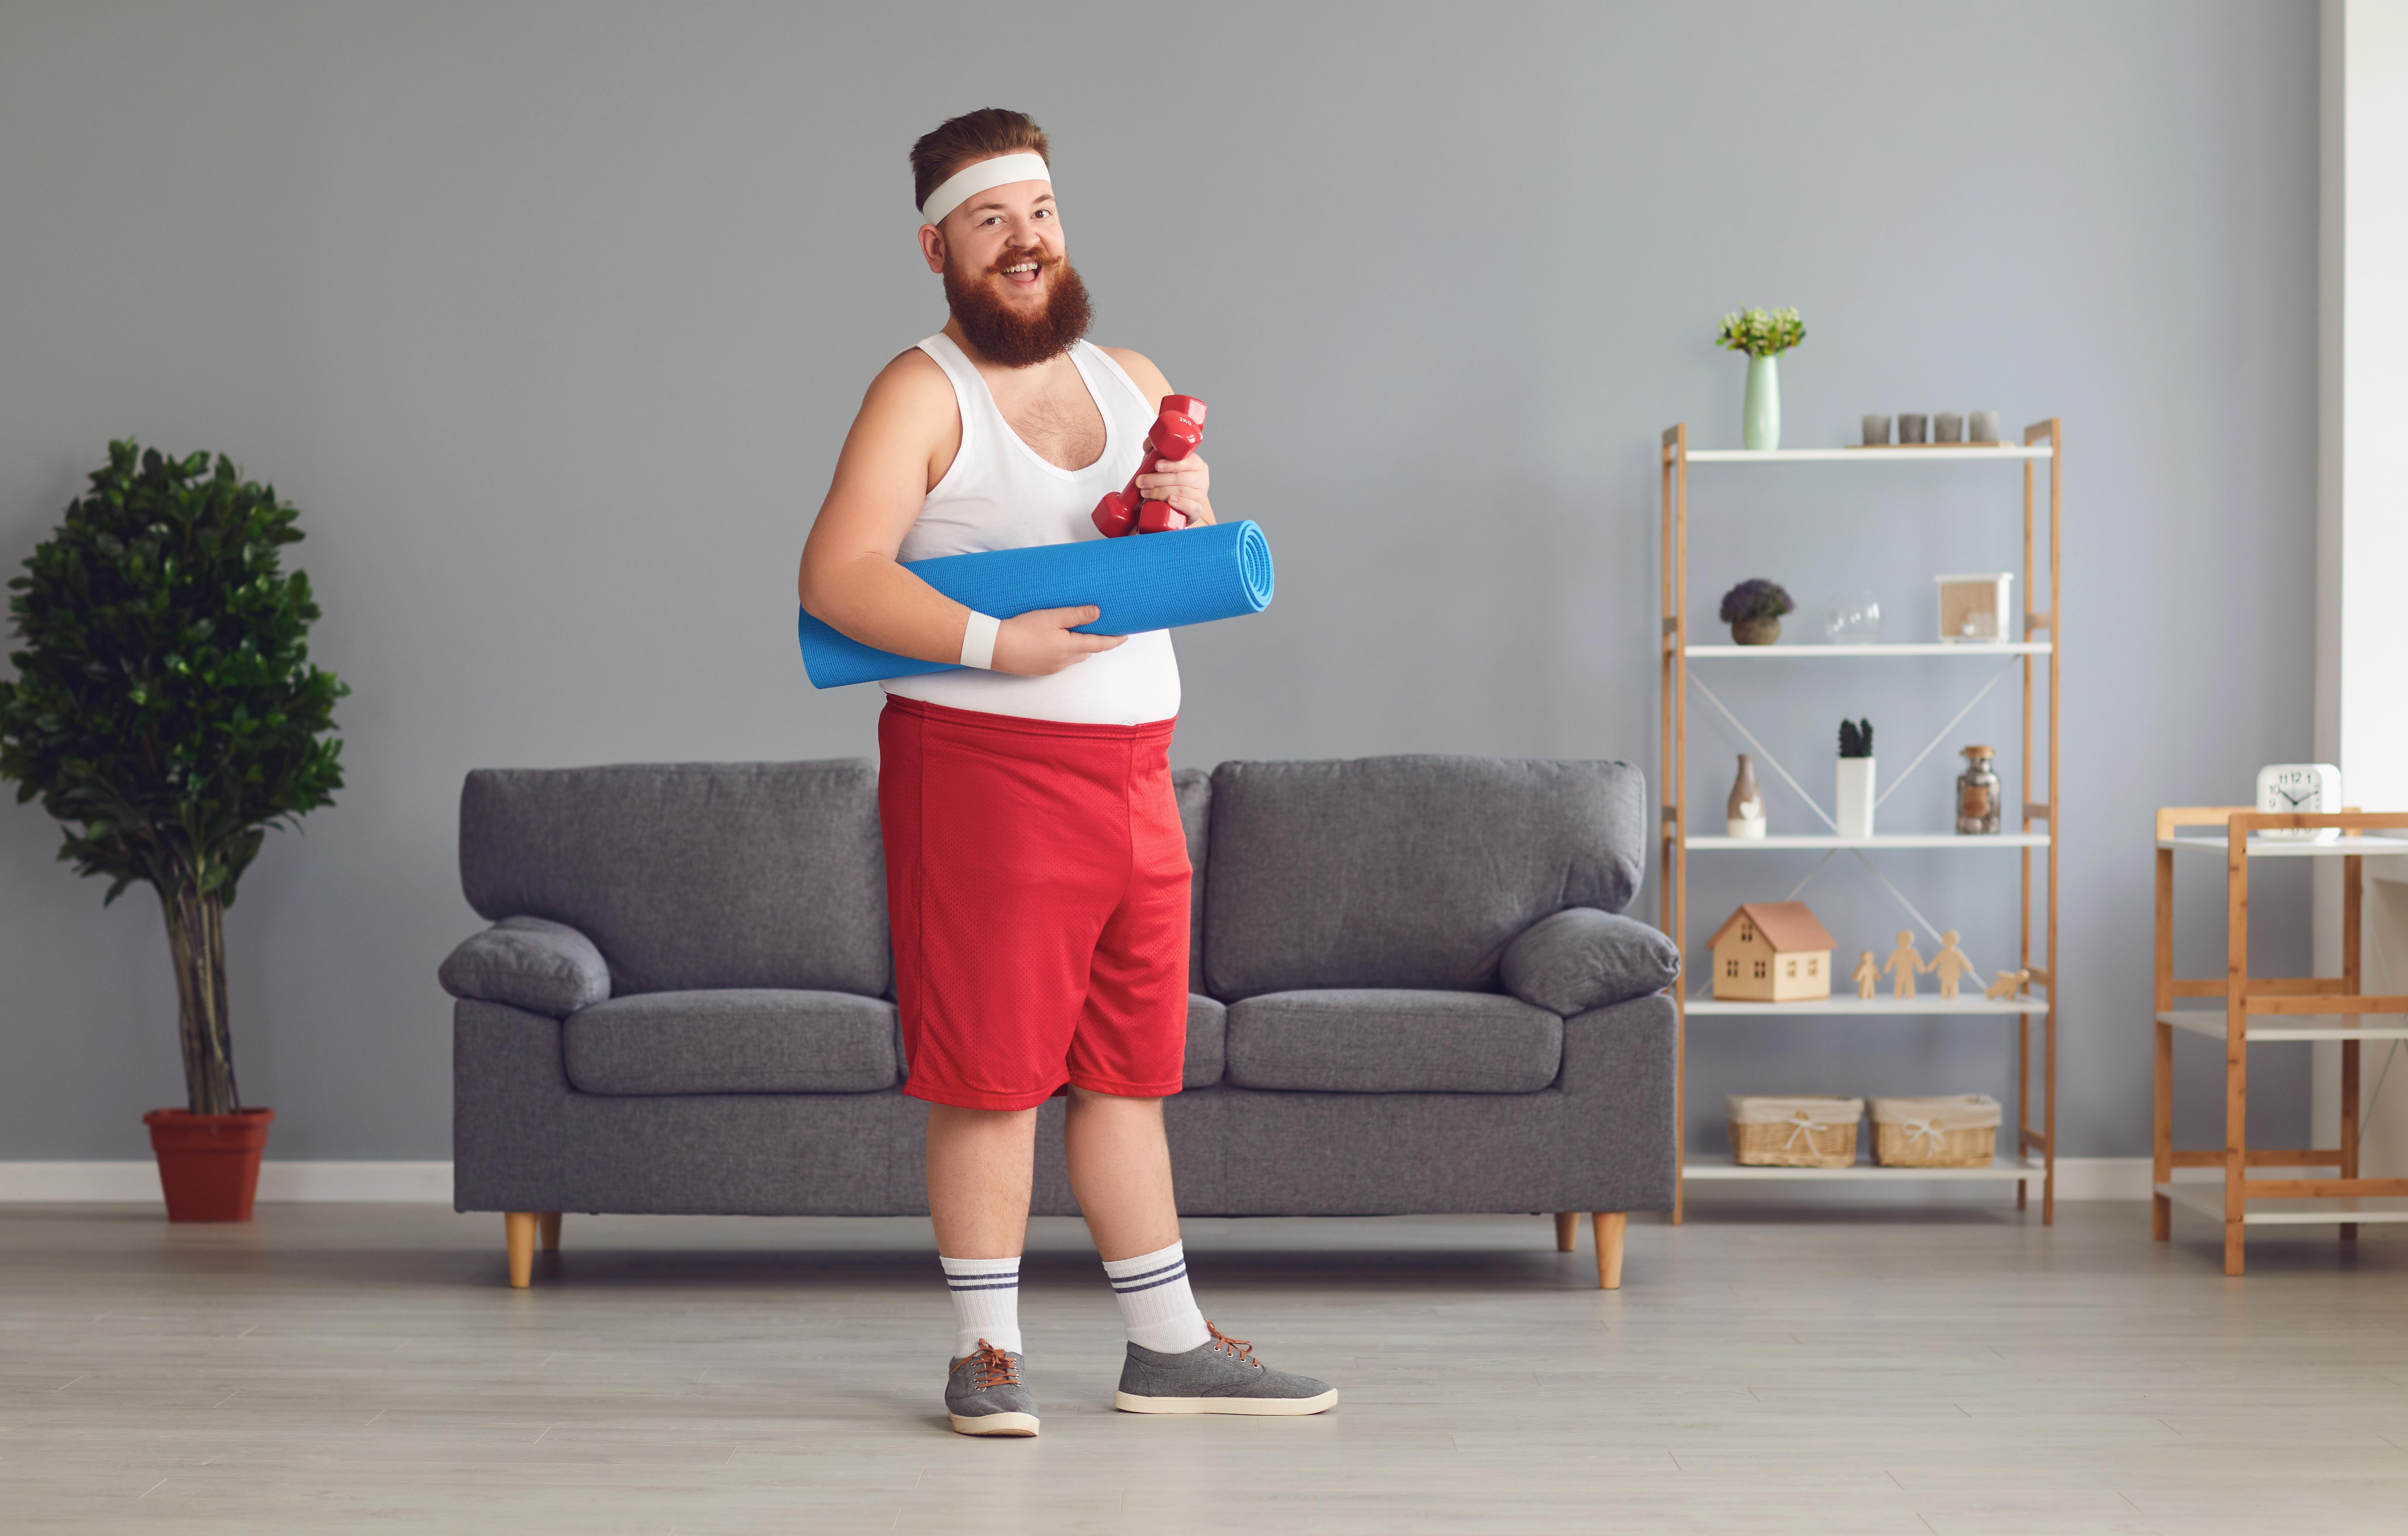 Chcete začít cvičit doma? Víme jak na to a máme pro vás videotréninky na problémové partie.